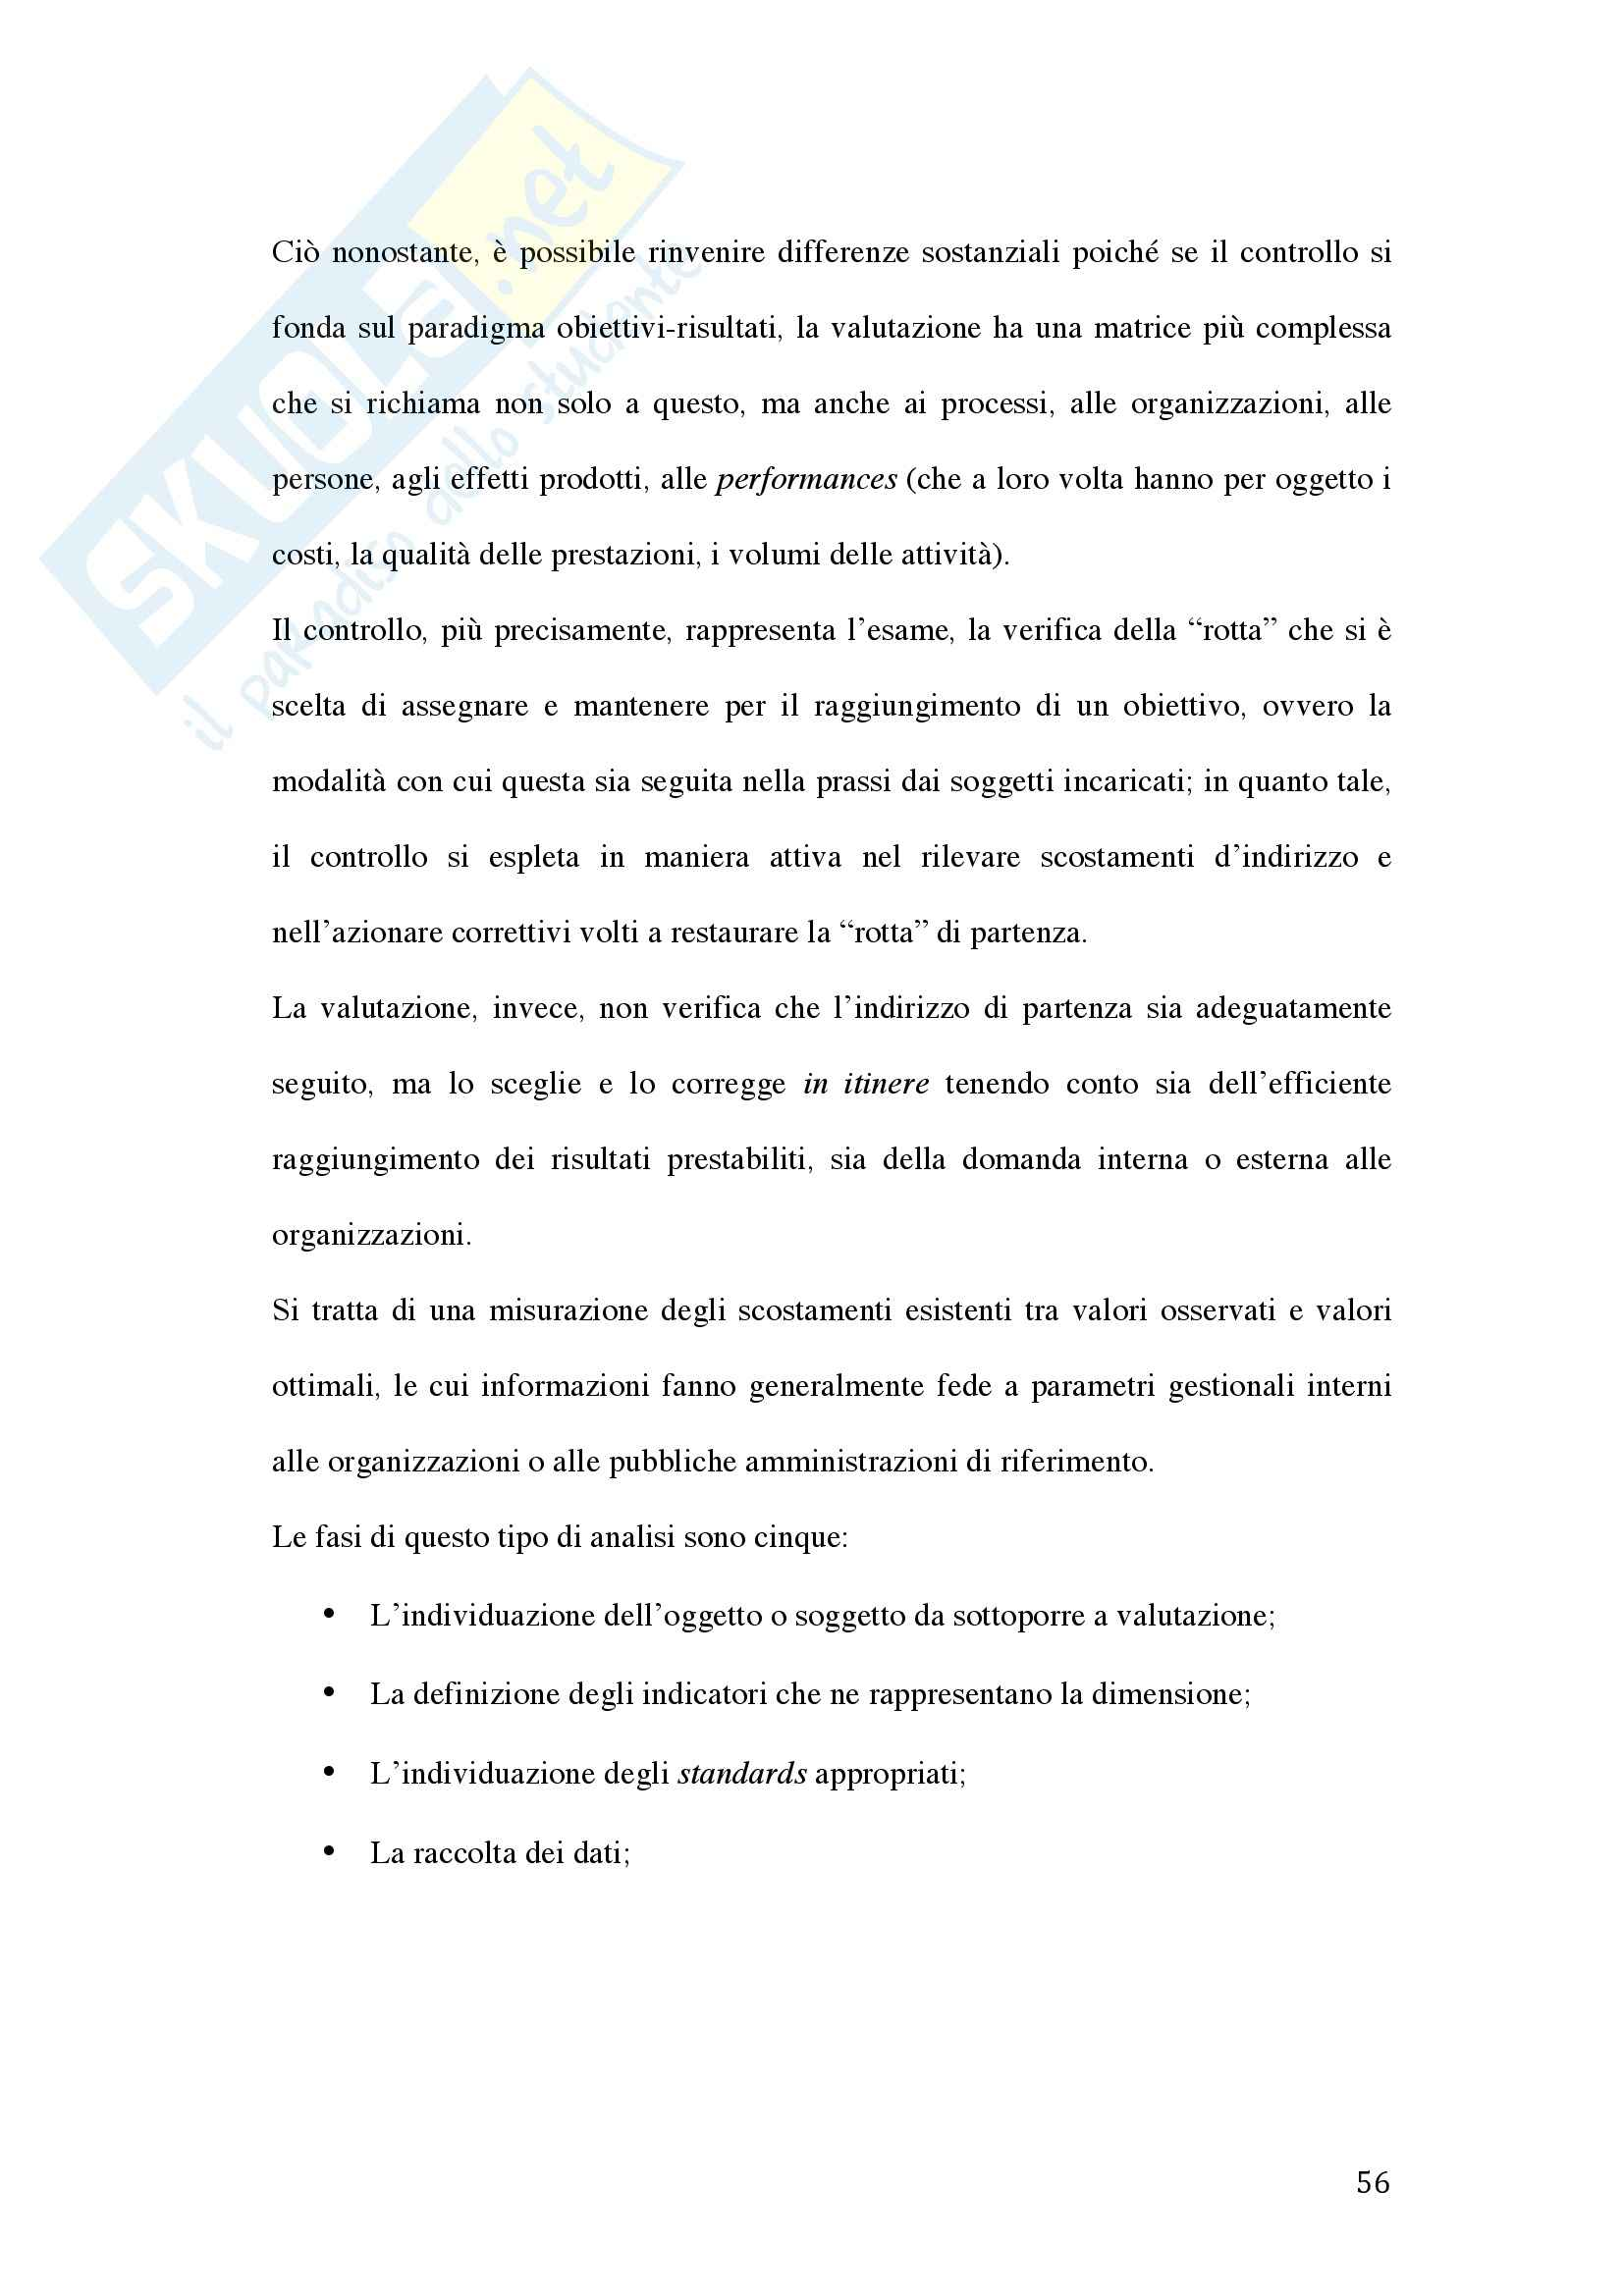 Tesi - La valutazione della dirigenza nelle pubbliche amministrazioni Pag. 56